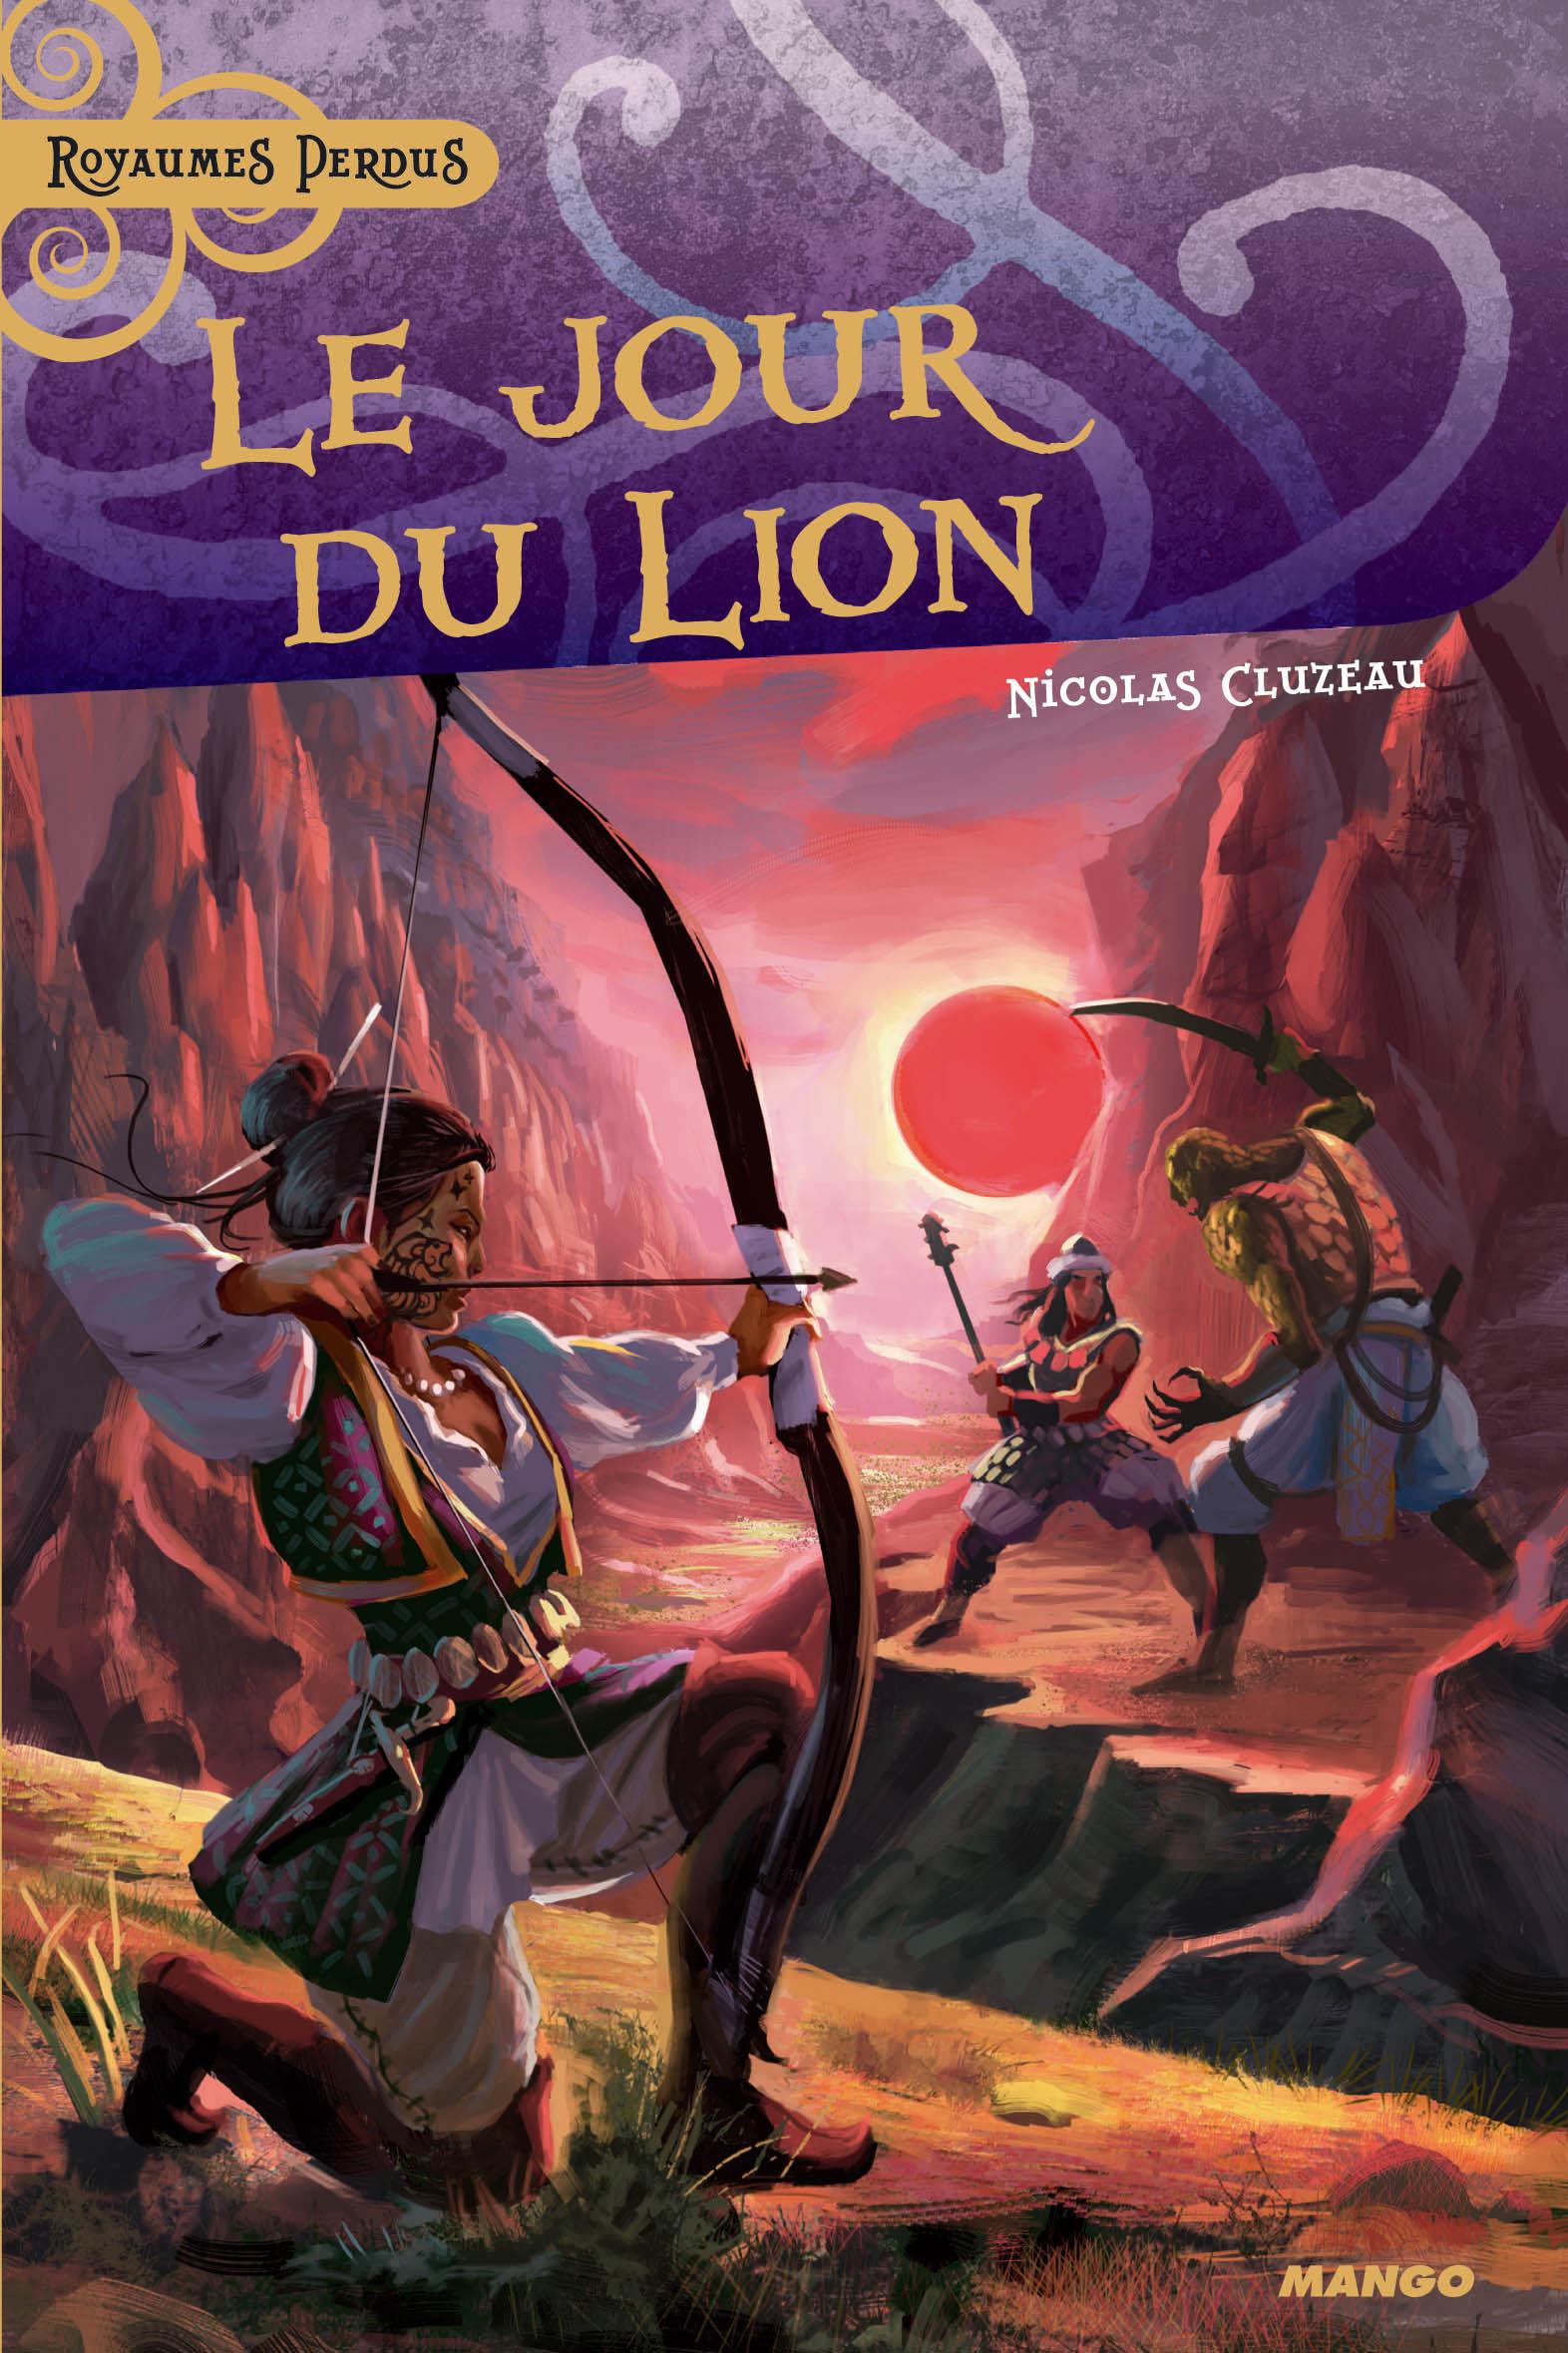 LE JOUR DU LION